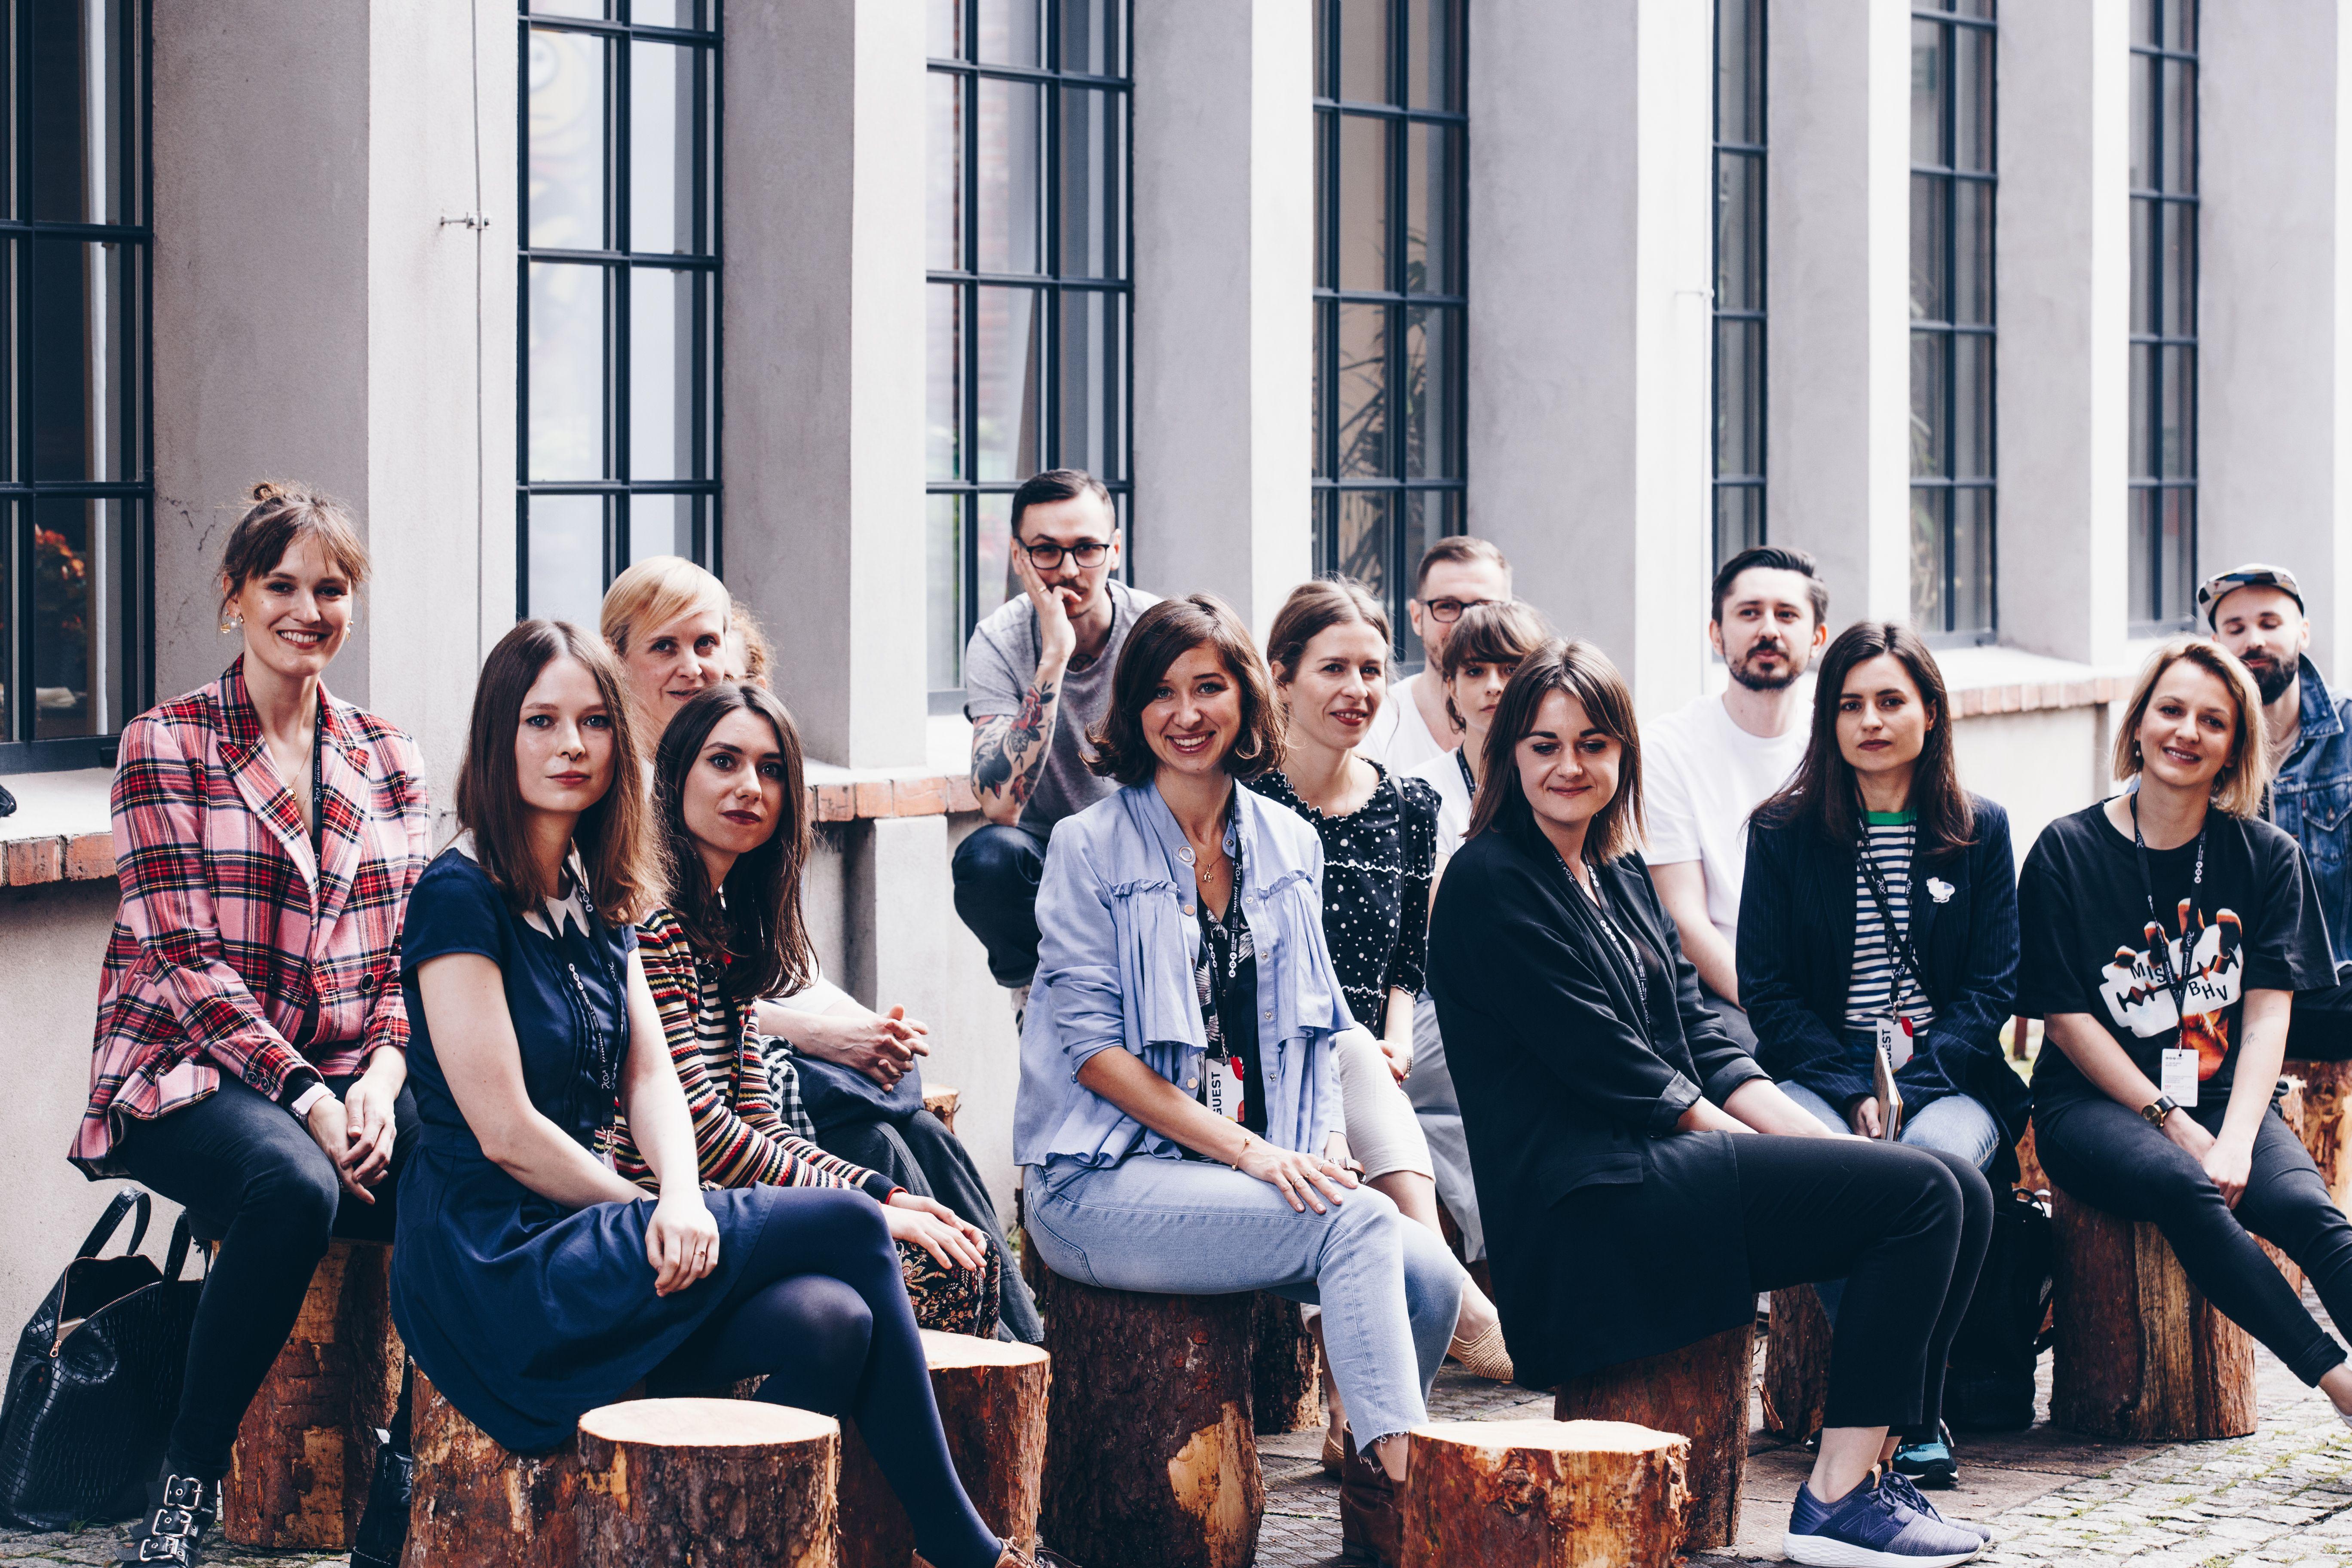 Znajdz Sposob Na Dobre Zycie Na Lodz Design Festival 2019 In 2020 Festival Design Couple Photos Photo